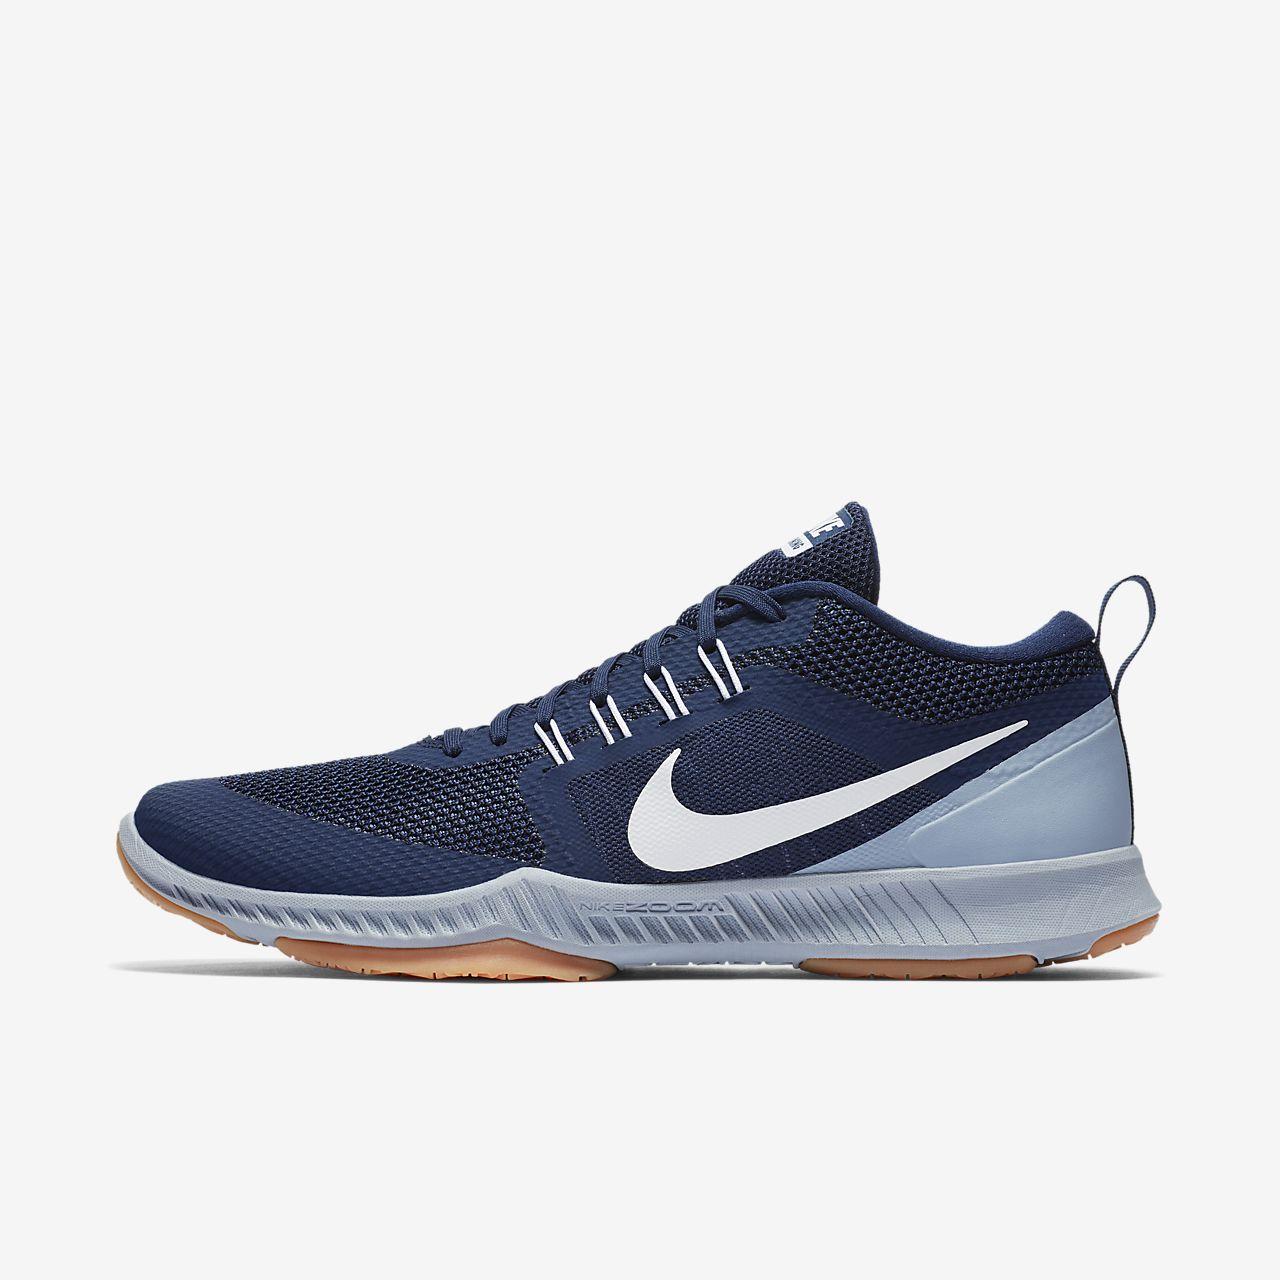 save off 51a27 02b7a ... Nike Zoom Domination Zapatillas de entrenamiento - Hombre